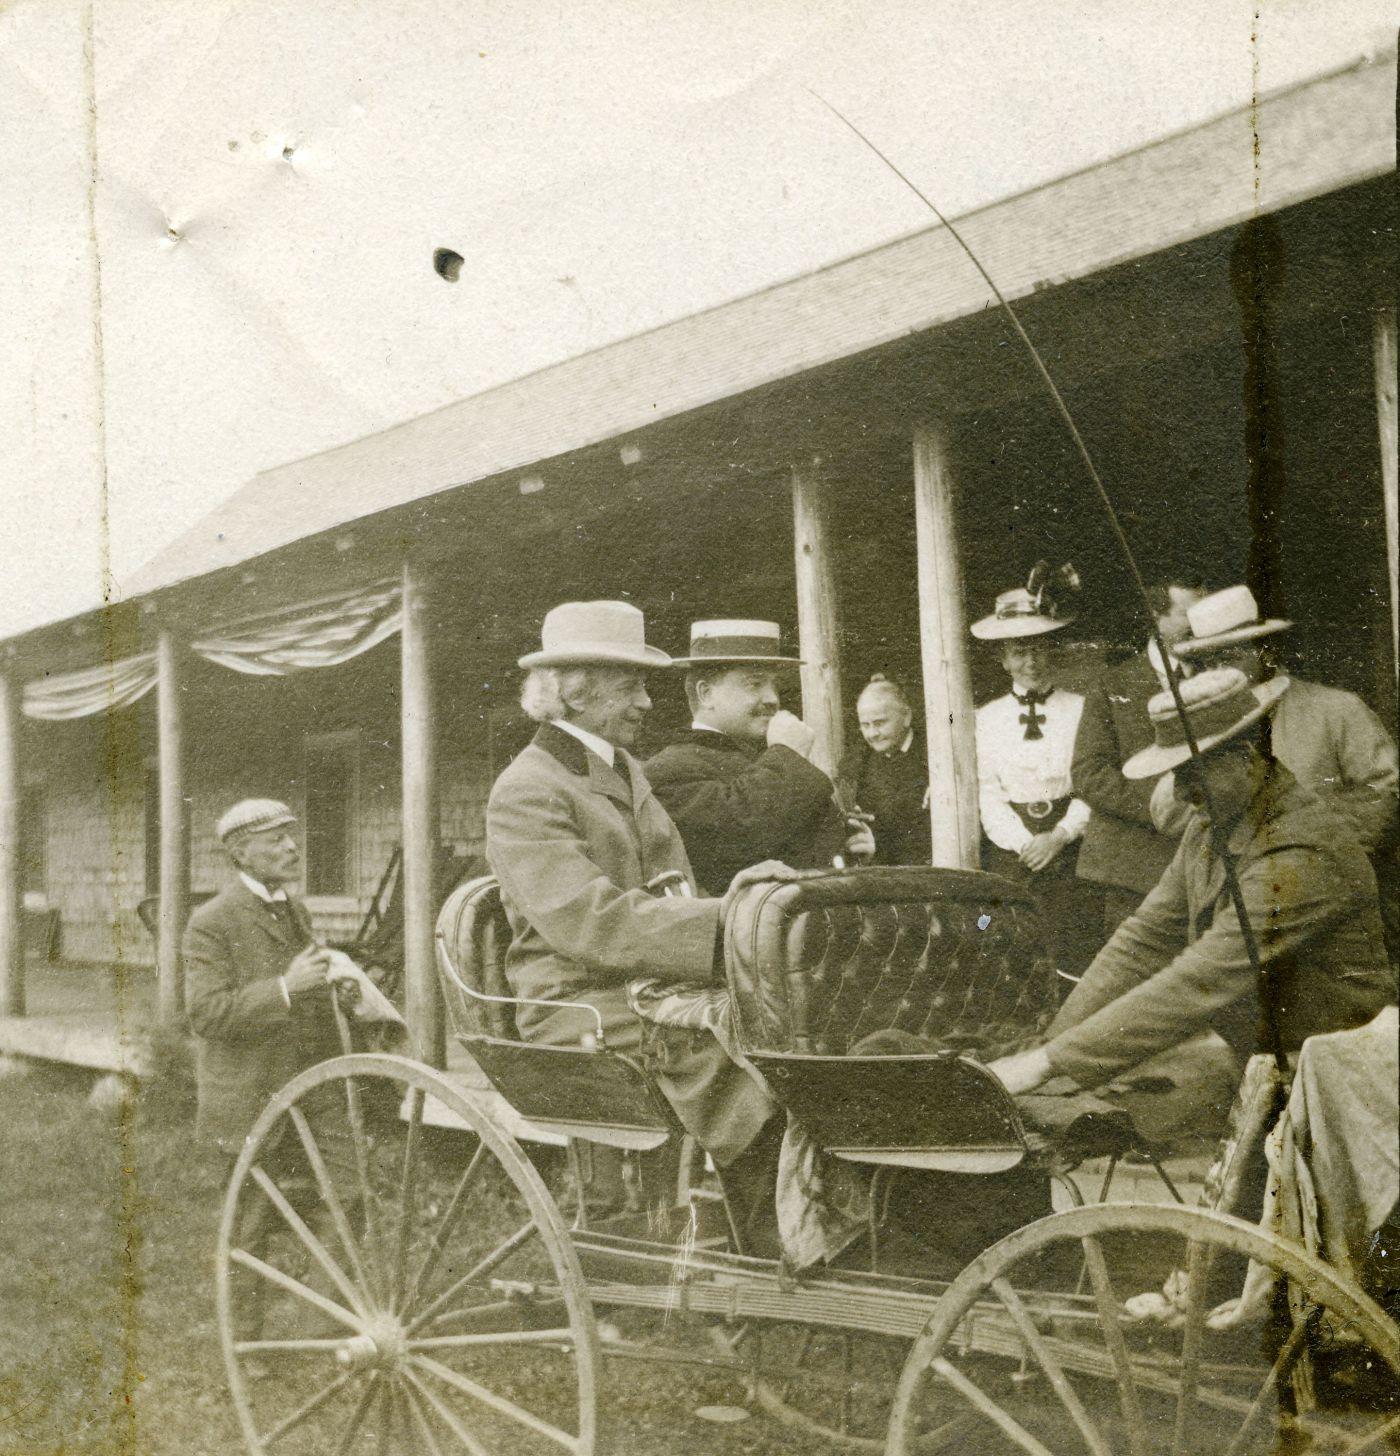 Photographie en noir et blanc de deux hommes bien mis, assis dans un boghei devant un bâtiment en bois. Les cheveux blancs du premier sont visibles malgré son chapeau. Le second, plus jeune, porte la moustache.  Un troisième homme prépare le boghei. Quelques personnes les observent.